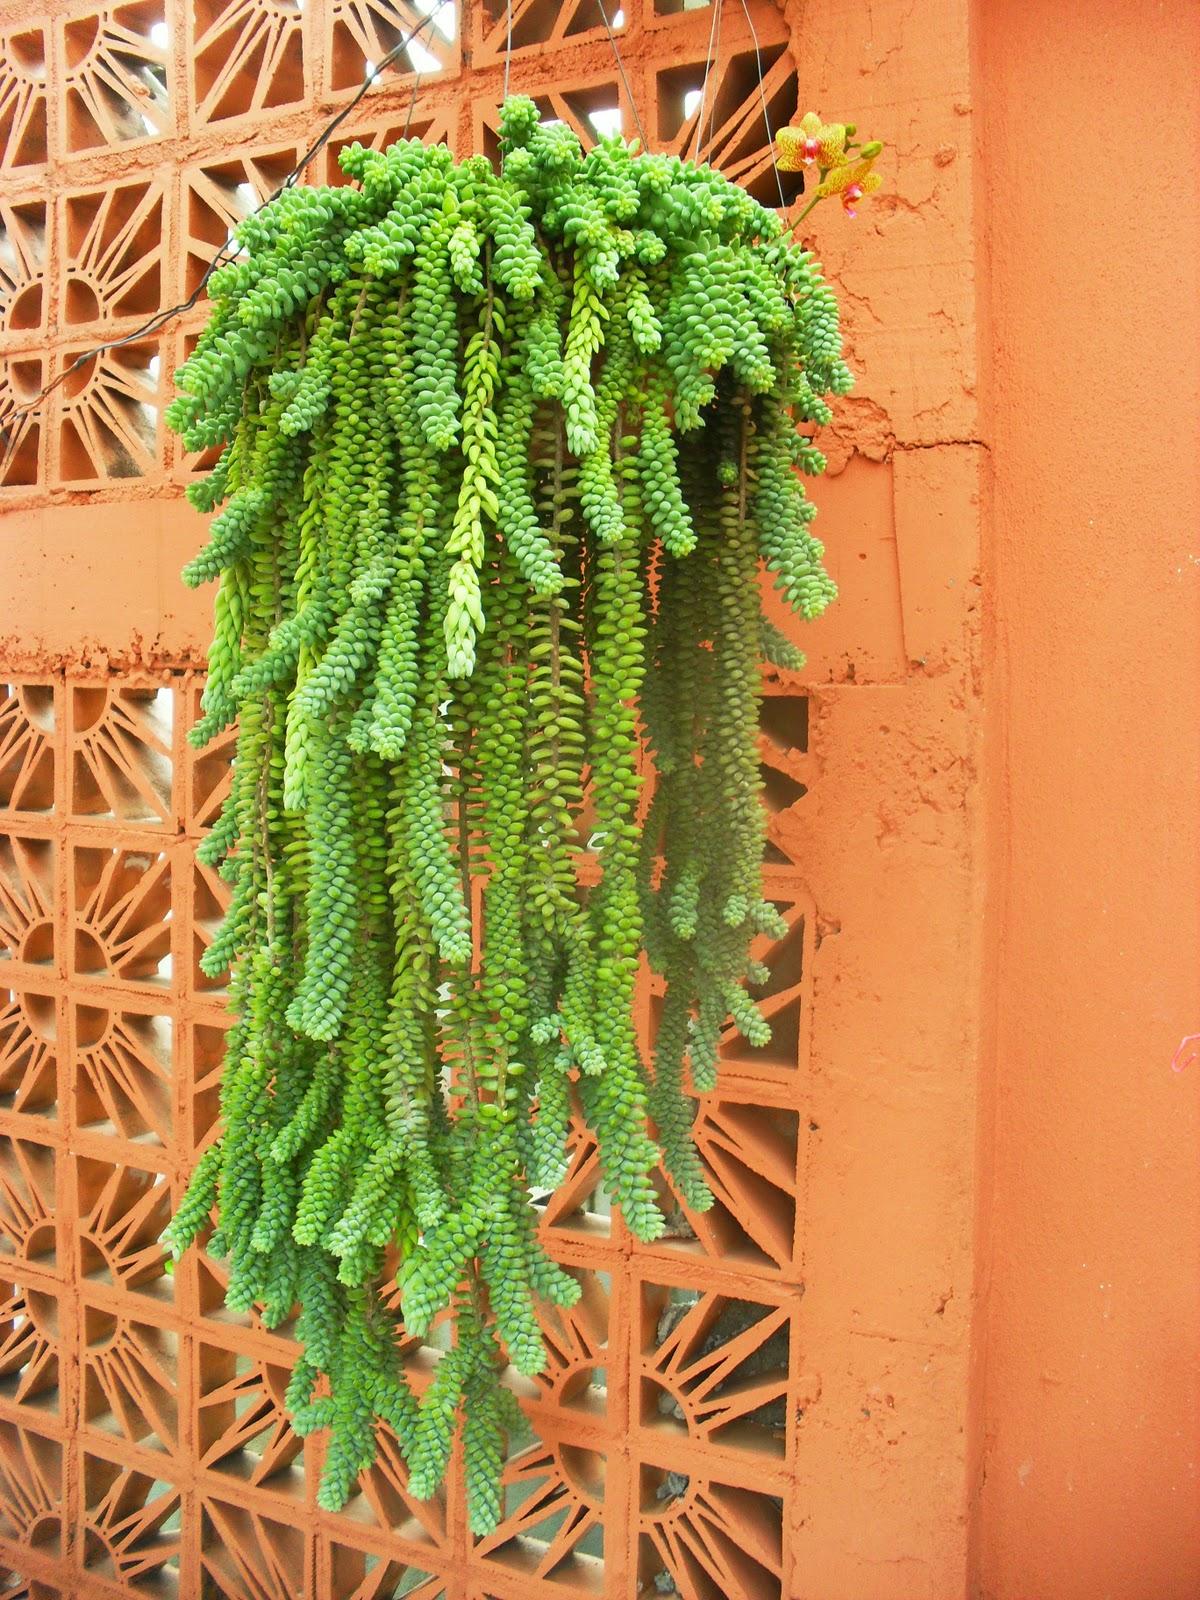 Jardim da terra inspira o plantas pendentes - Enredaderas de interior ...